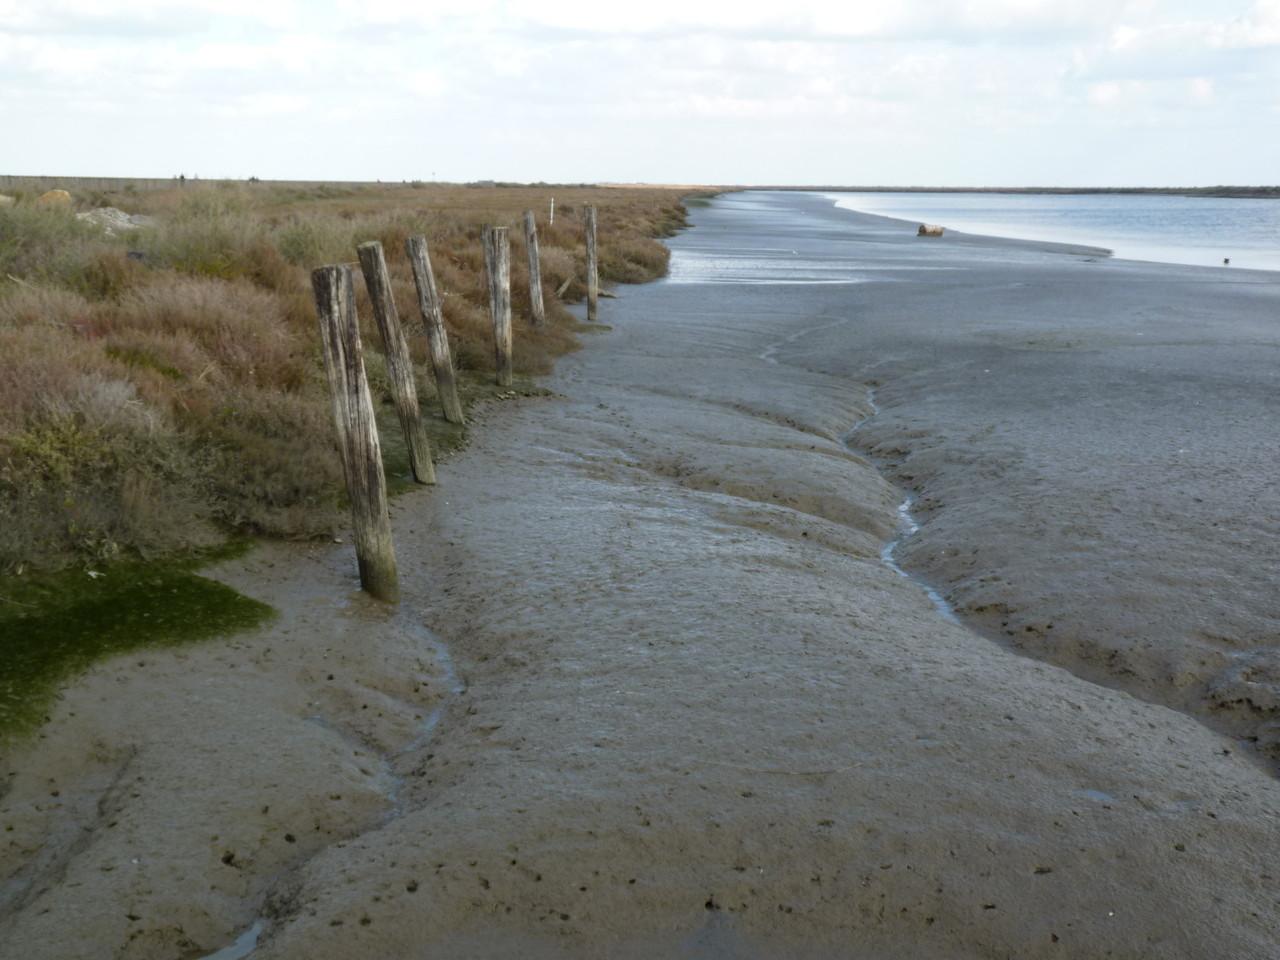 Parque Linear Ribeirinho do Estuário do Tejo (17)